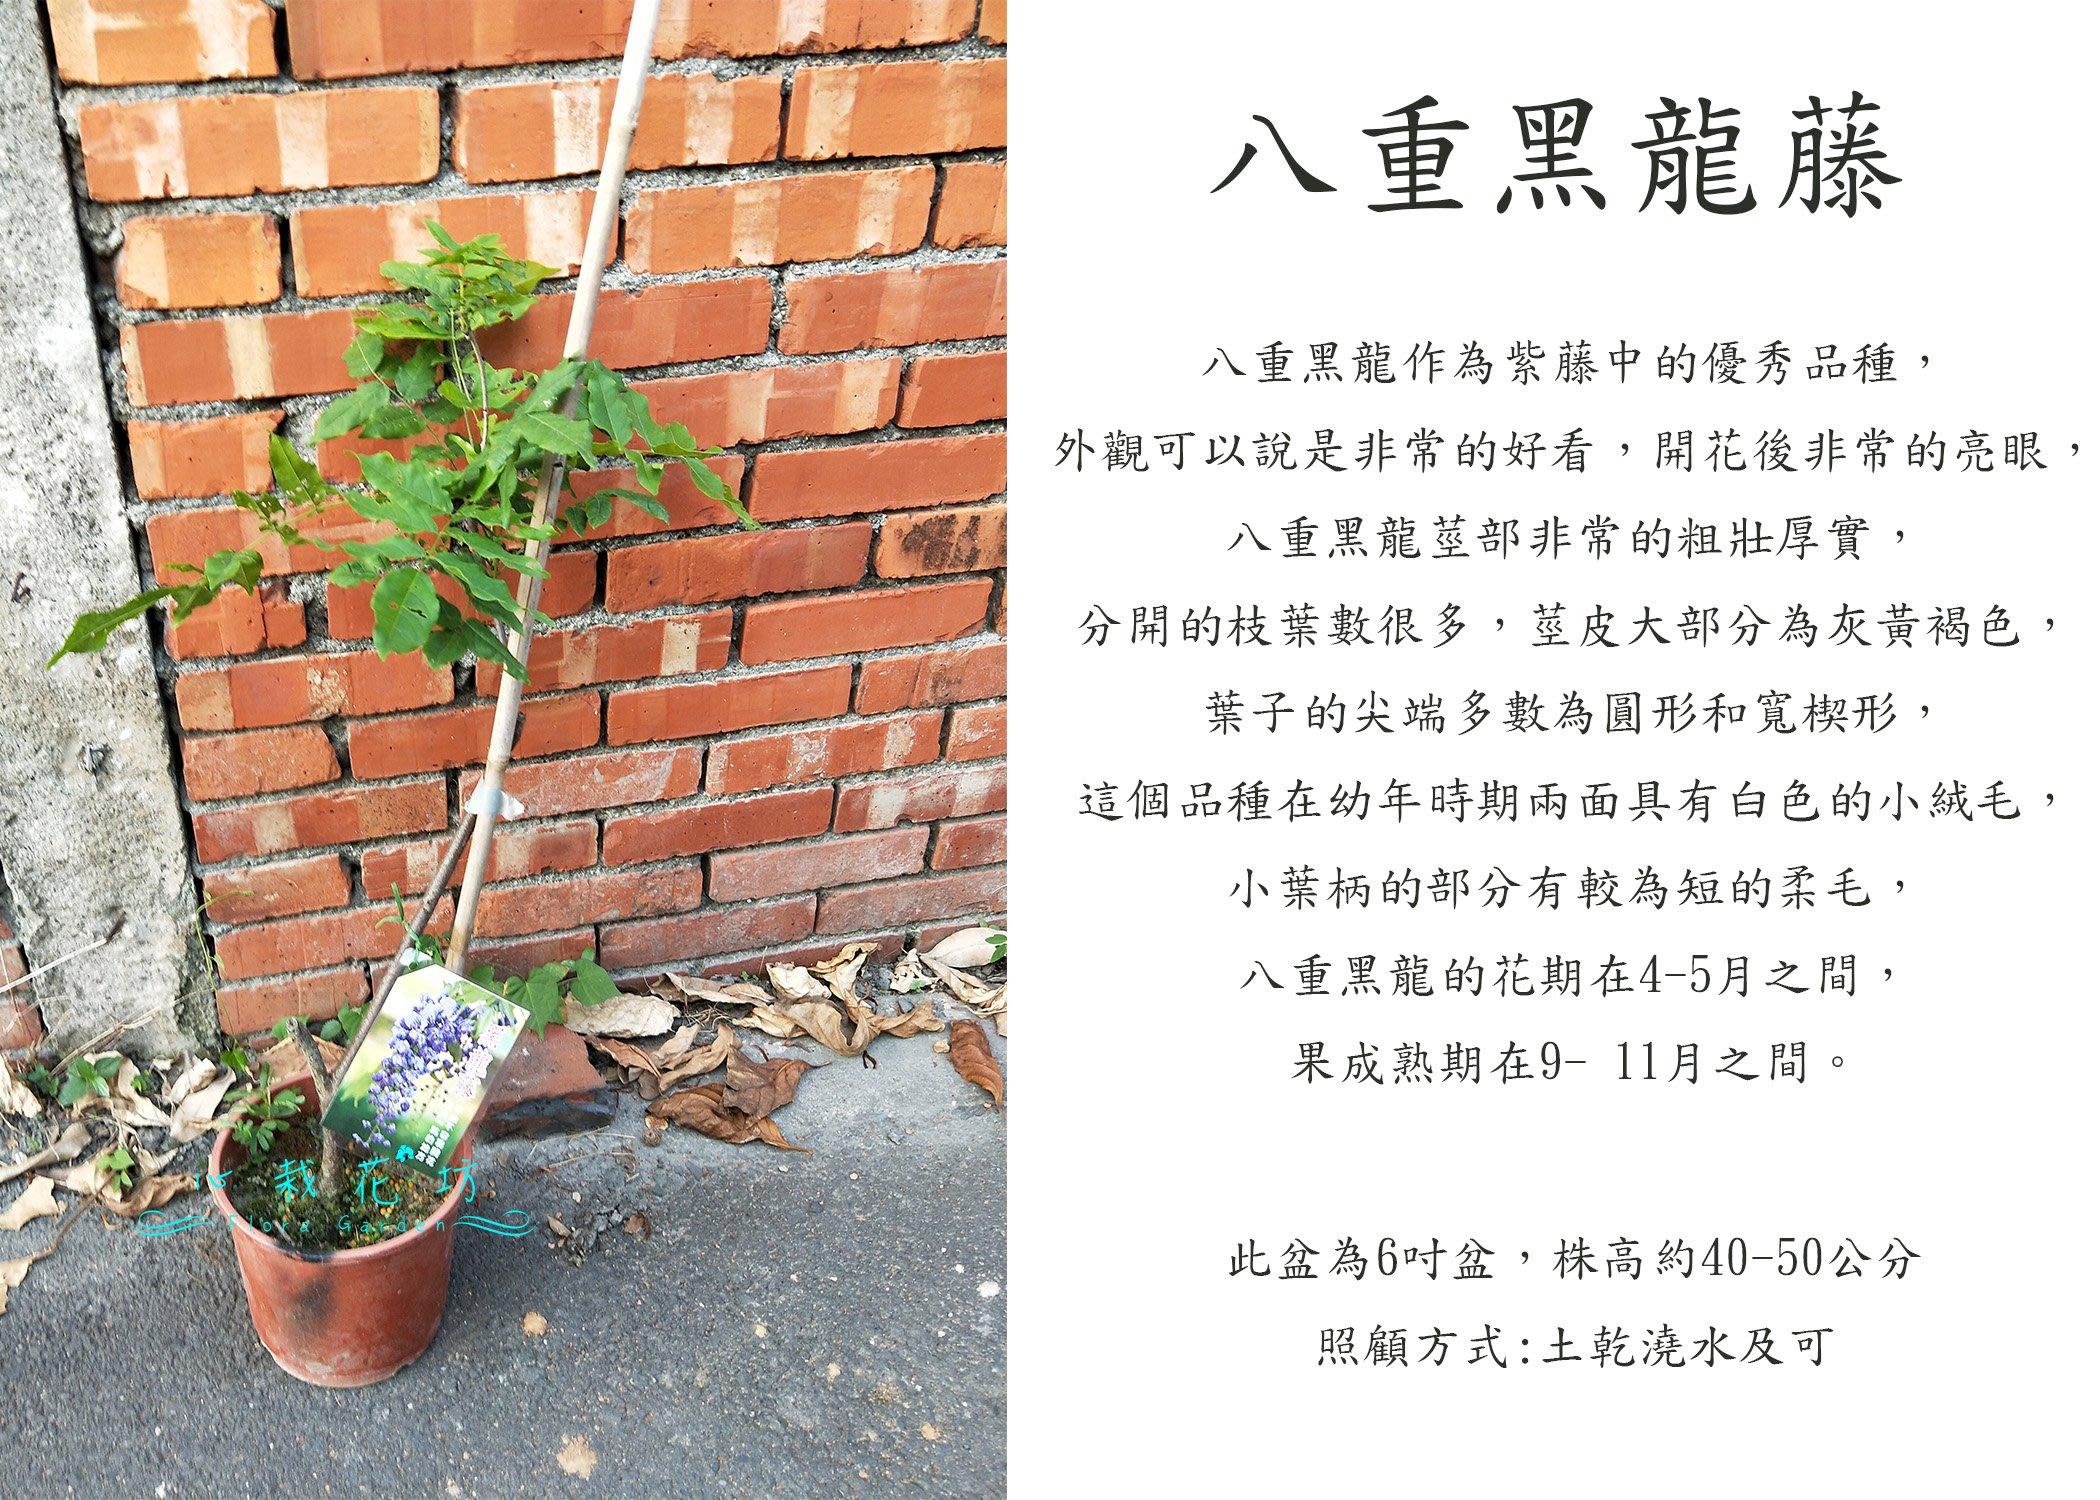 心栽花坊-八重黑龍藤/平地不易開花/6吋/觀花植物/蔓性/藤本/爬藤植物/售價600特價500